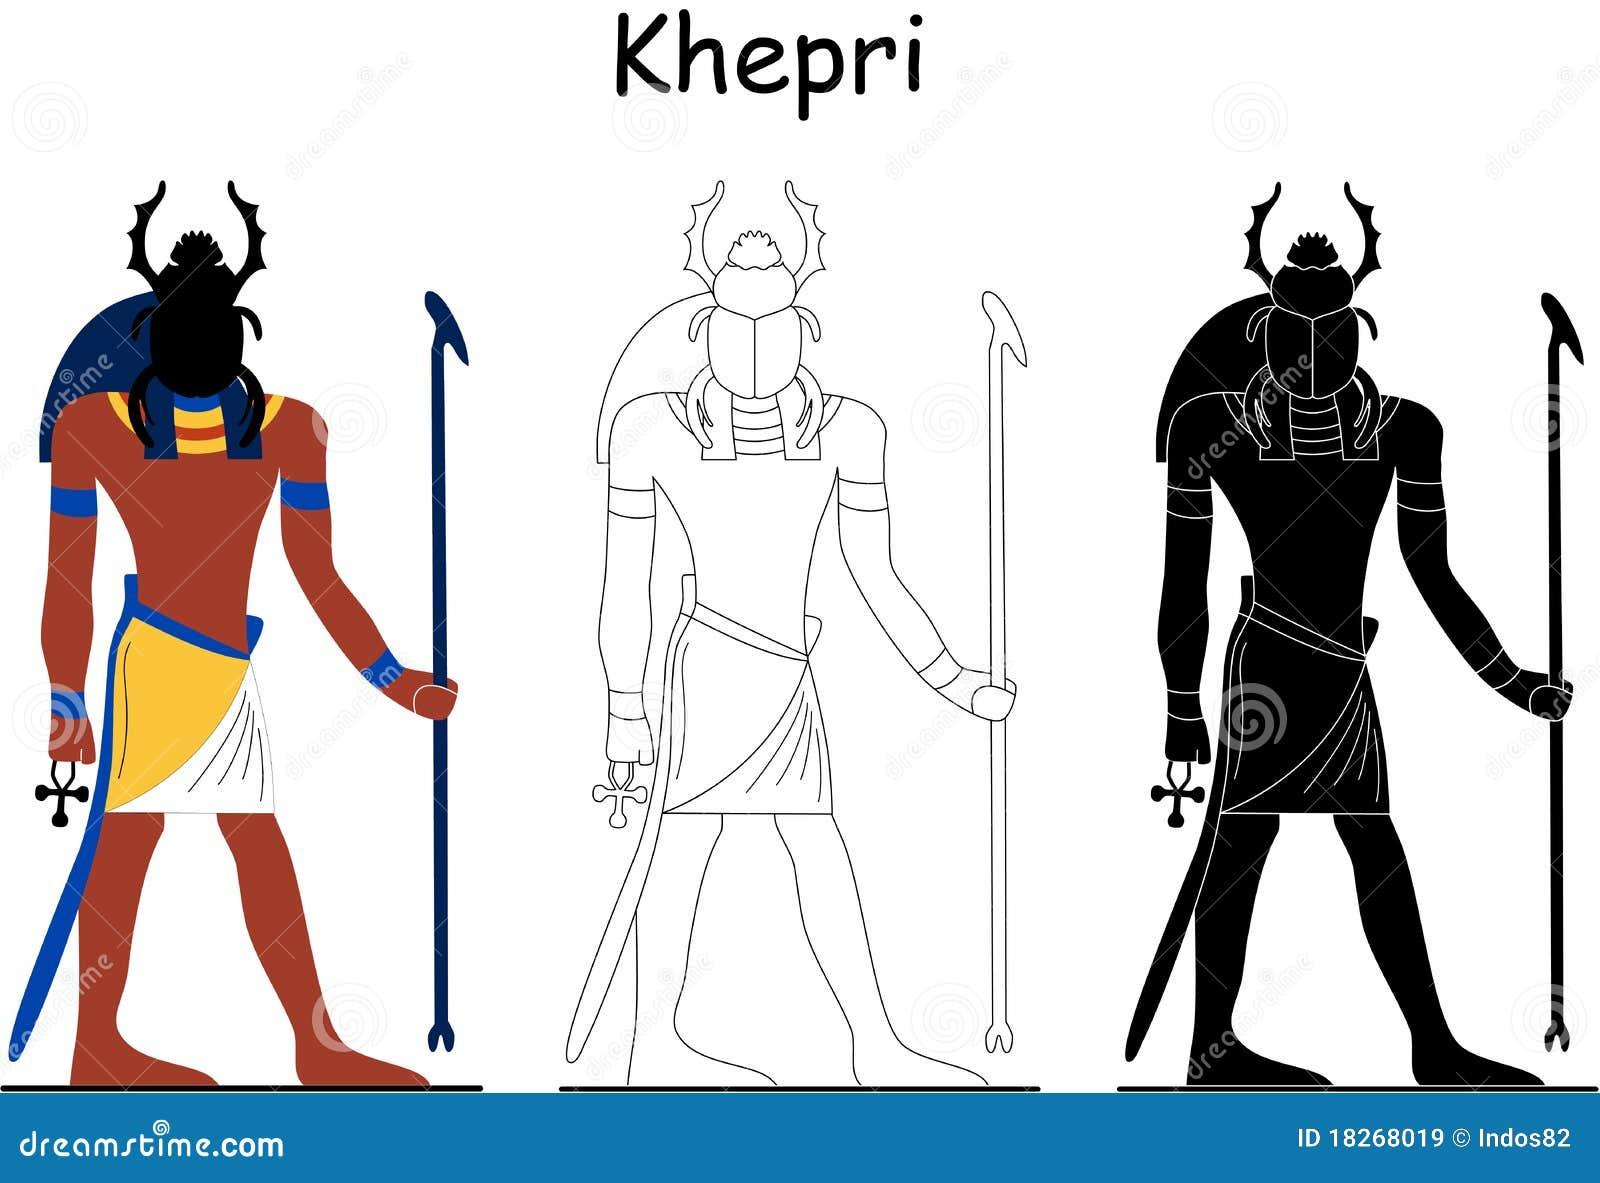 Un dieu égyptien antique - Khepri